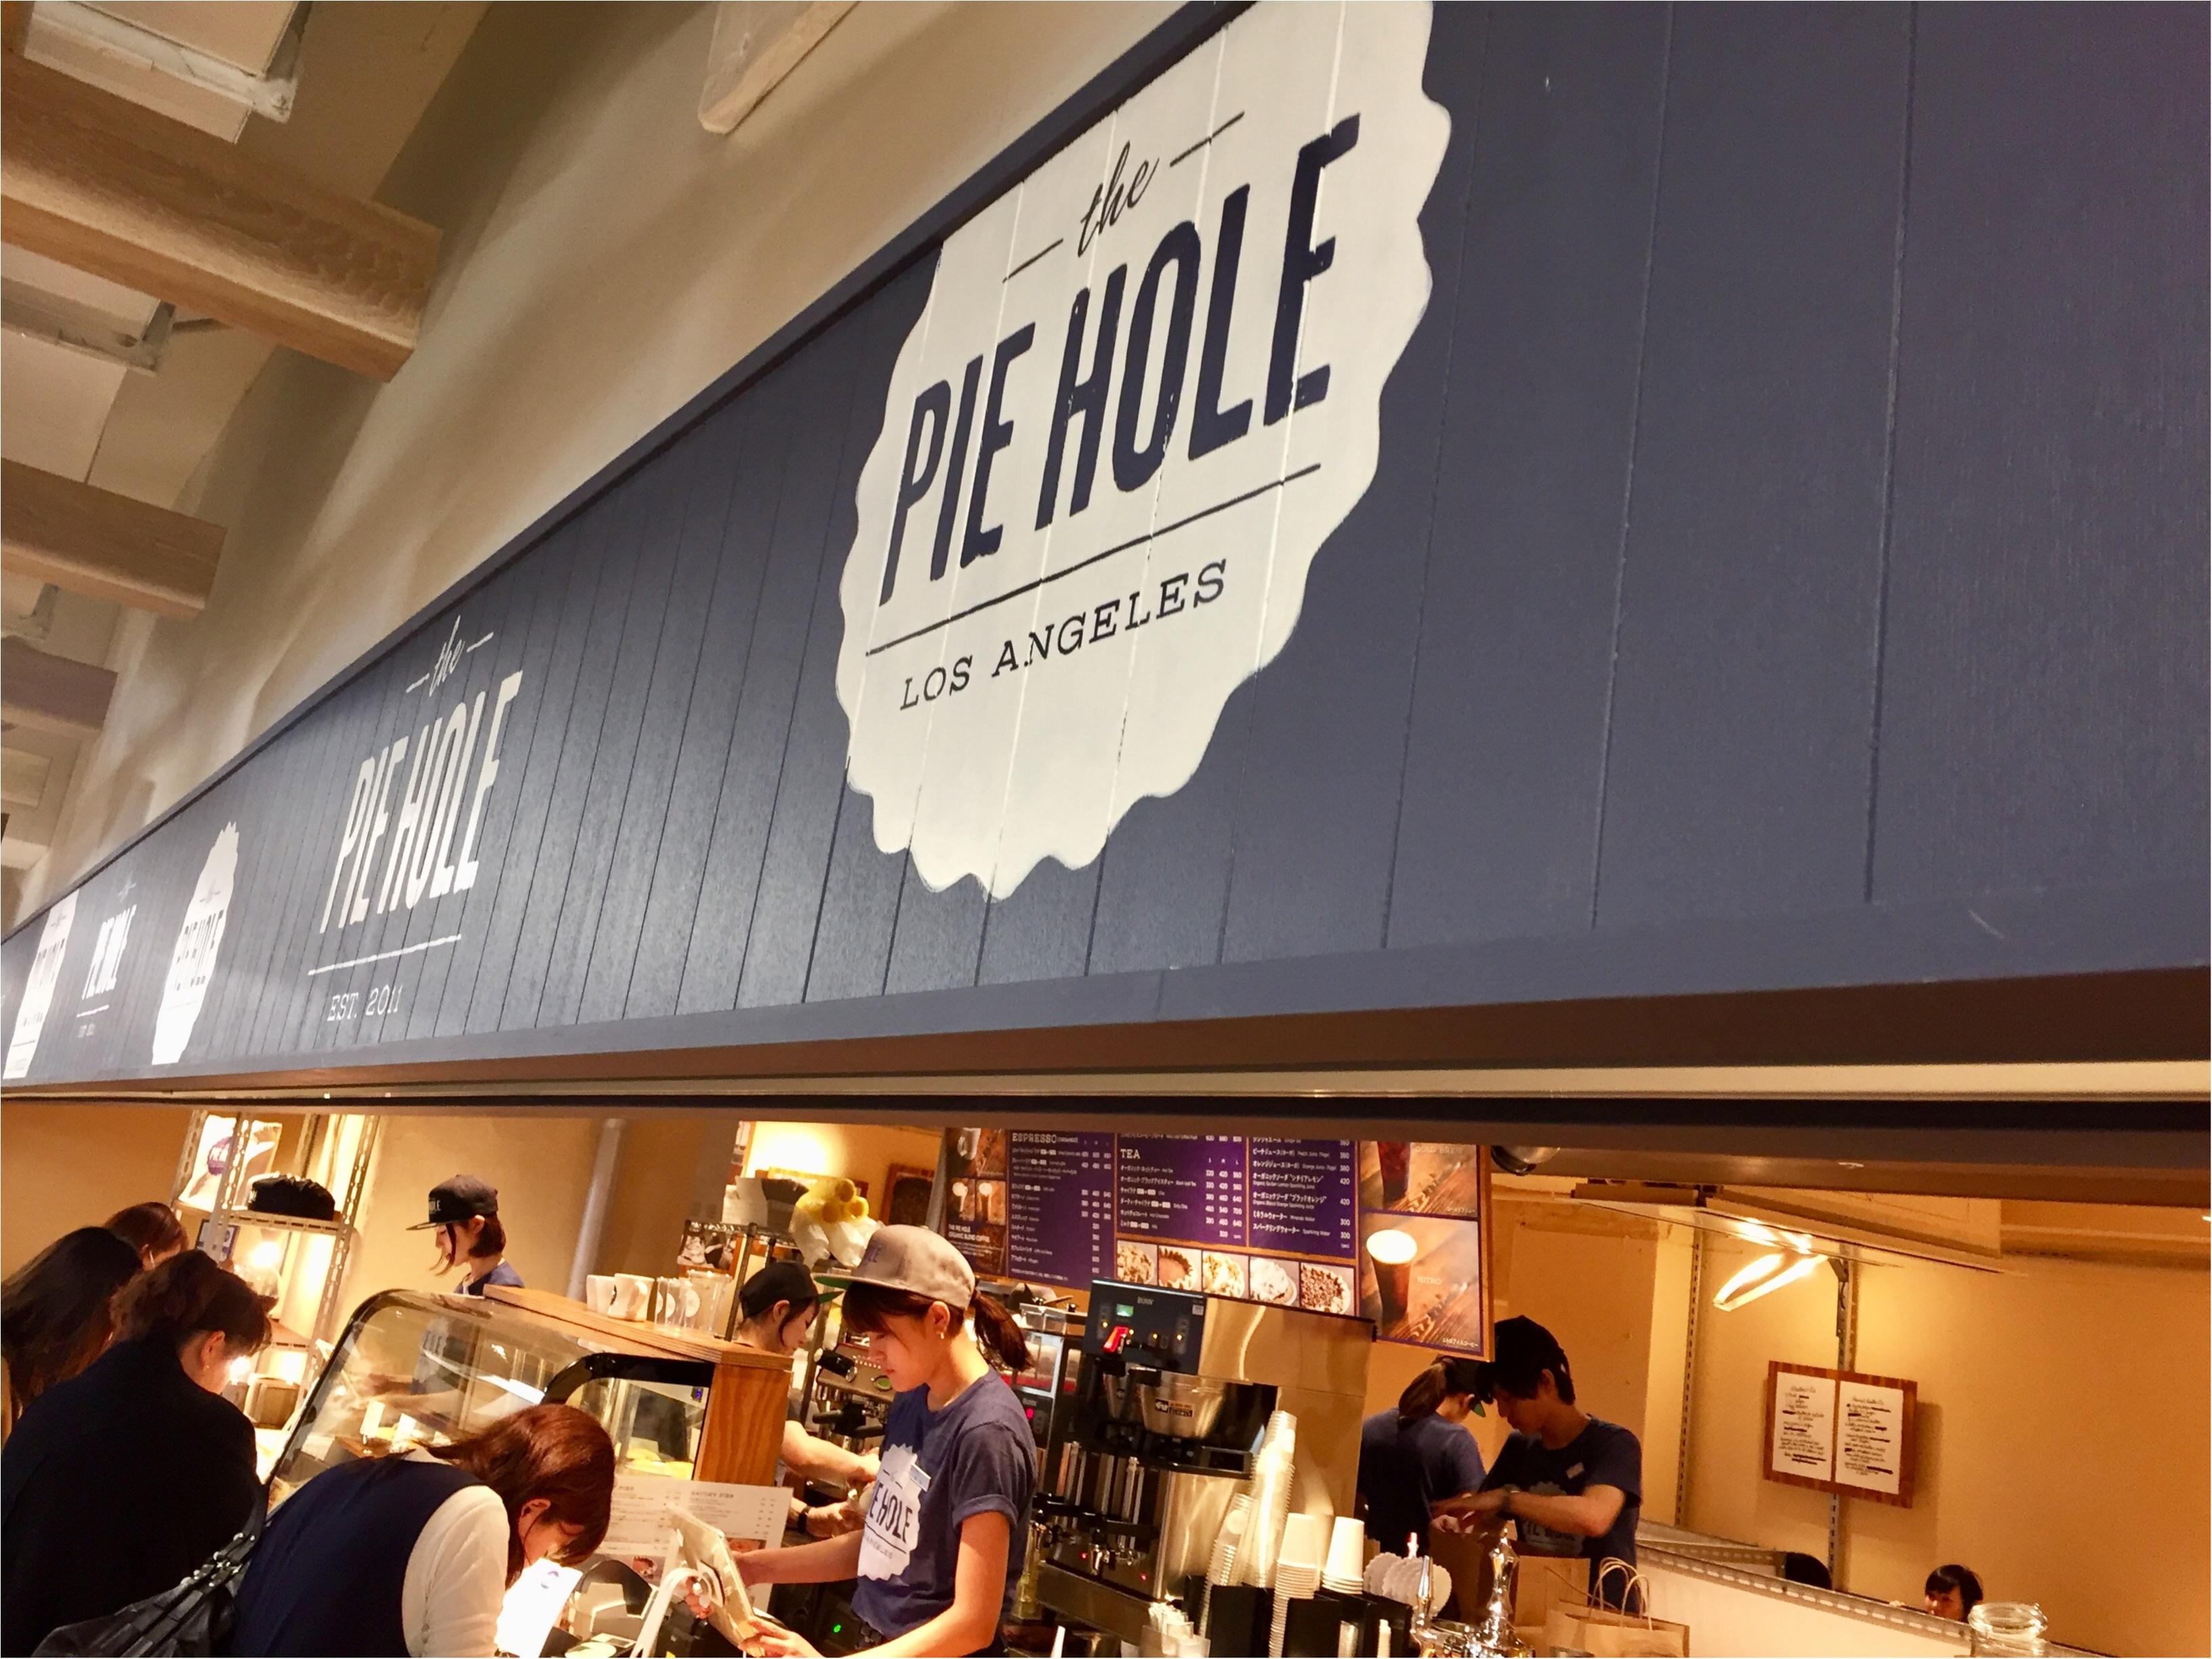 【FOOD】LA発!人気のPIE HOLEが日本上陸★噂のパイがうますぎる♡_1